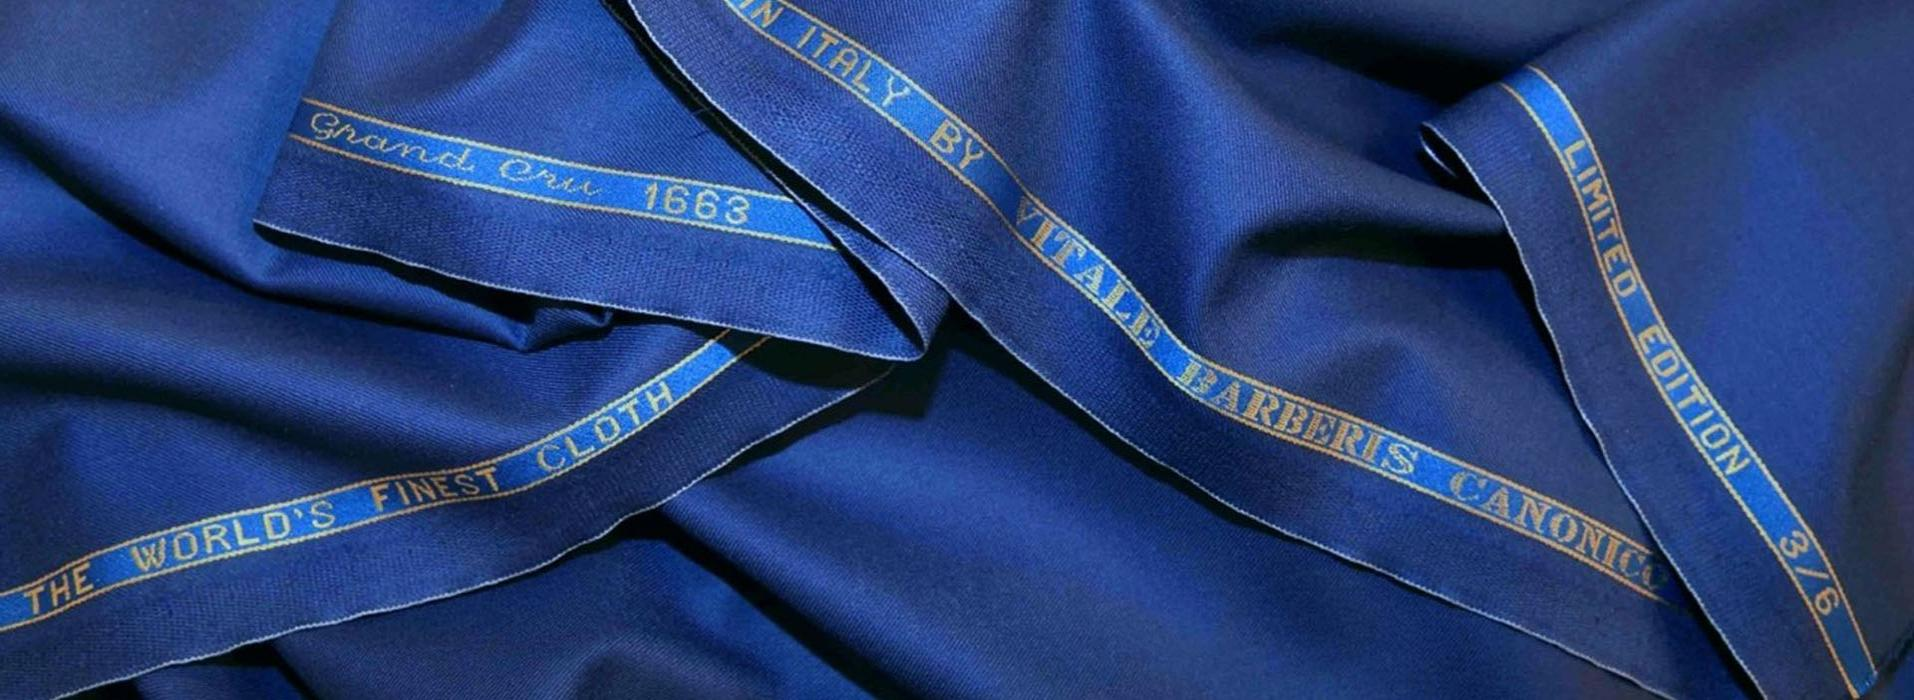 Високоякісні італійські тканини для чоловічого одягу